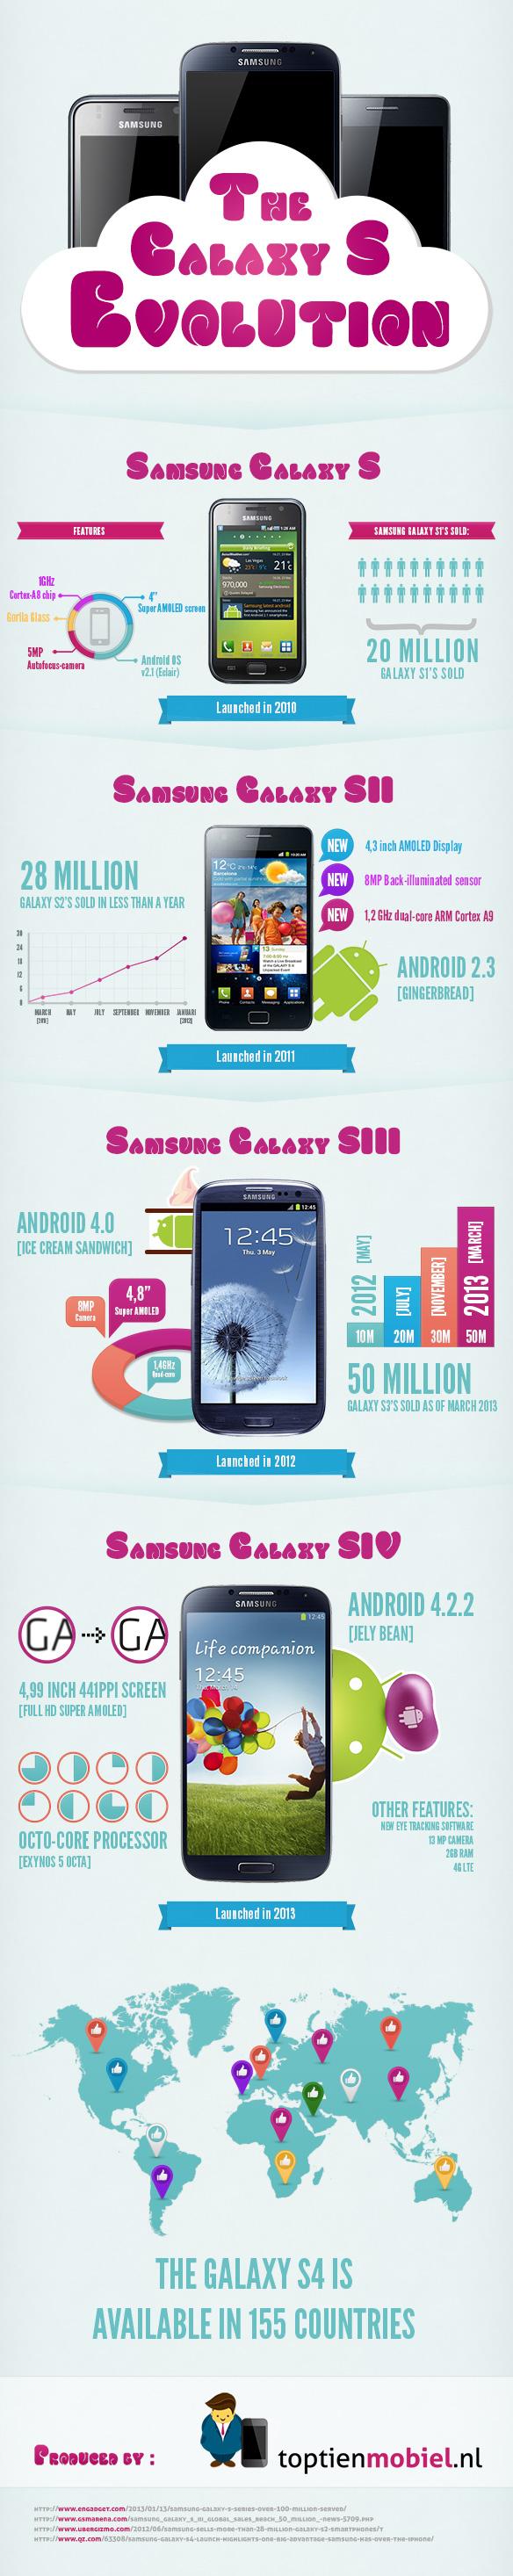 Эволюция смартфонов Samsung Galaxy S - инфографика